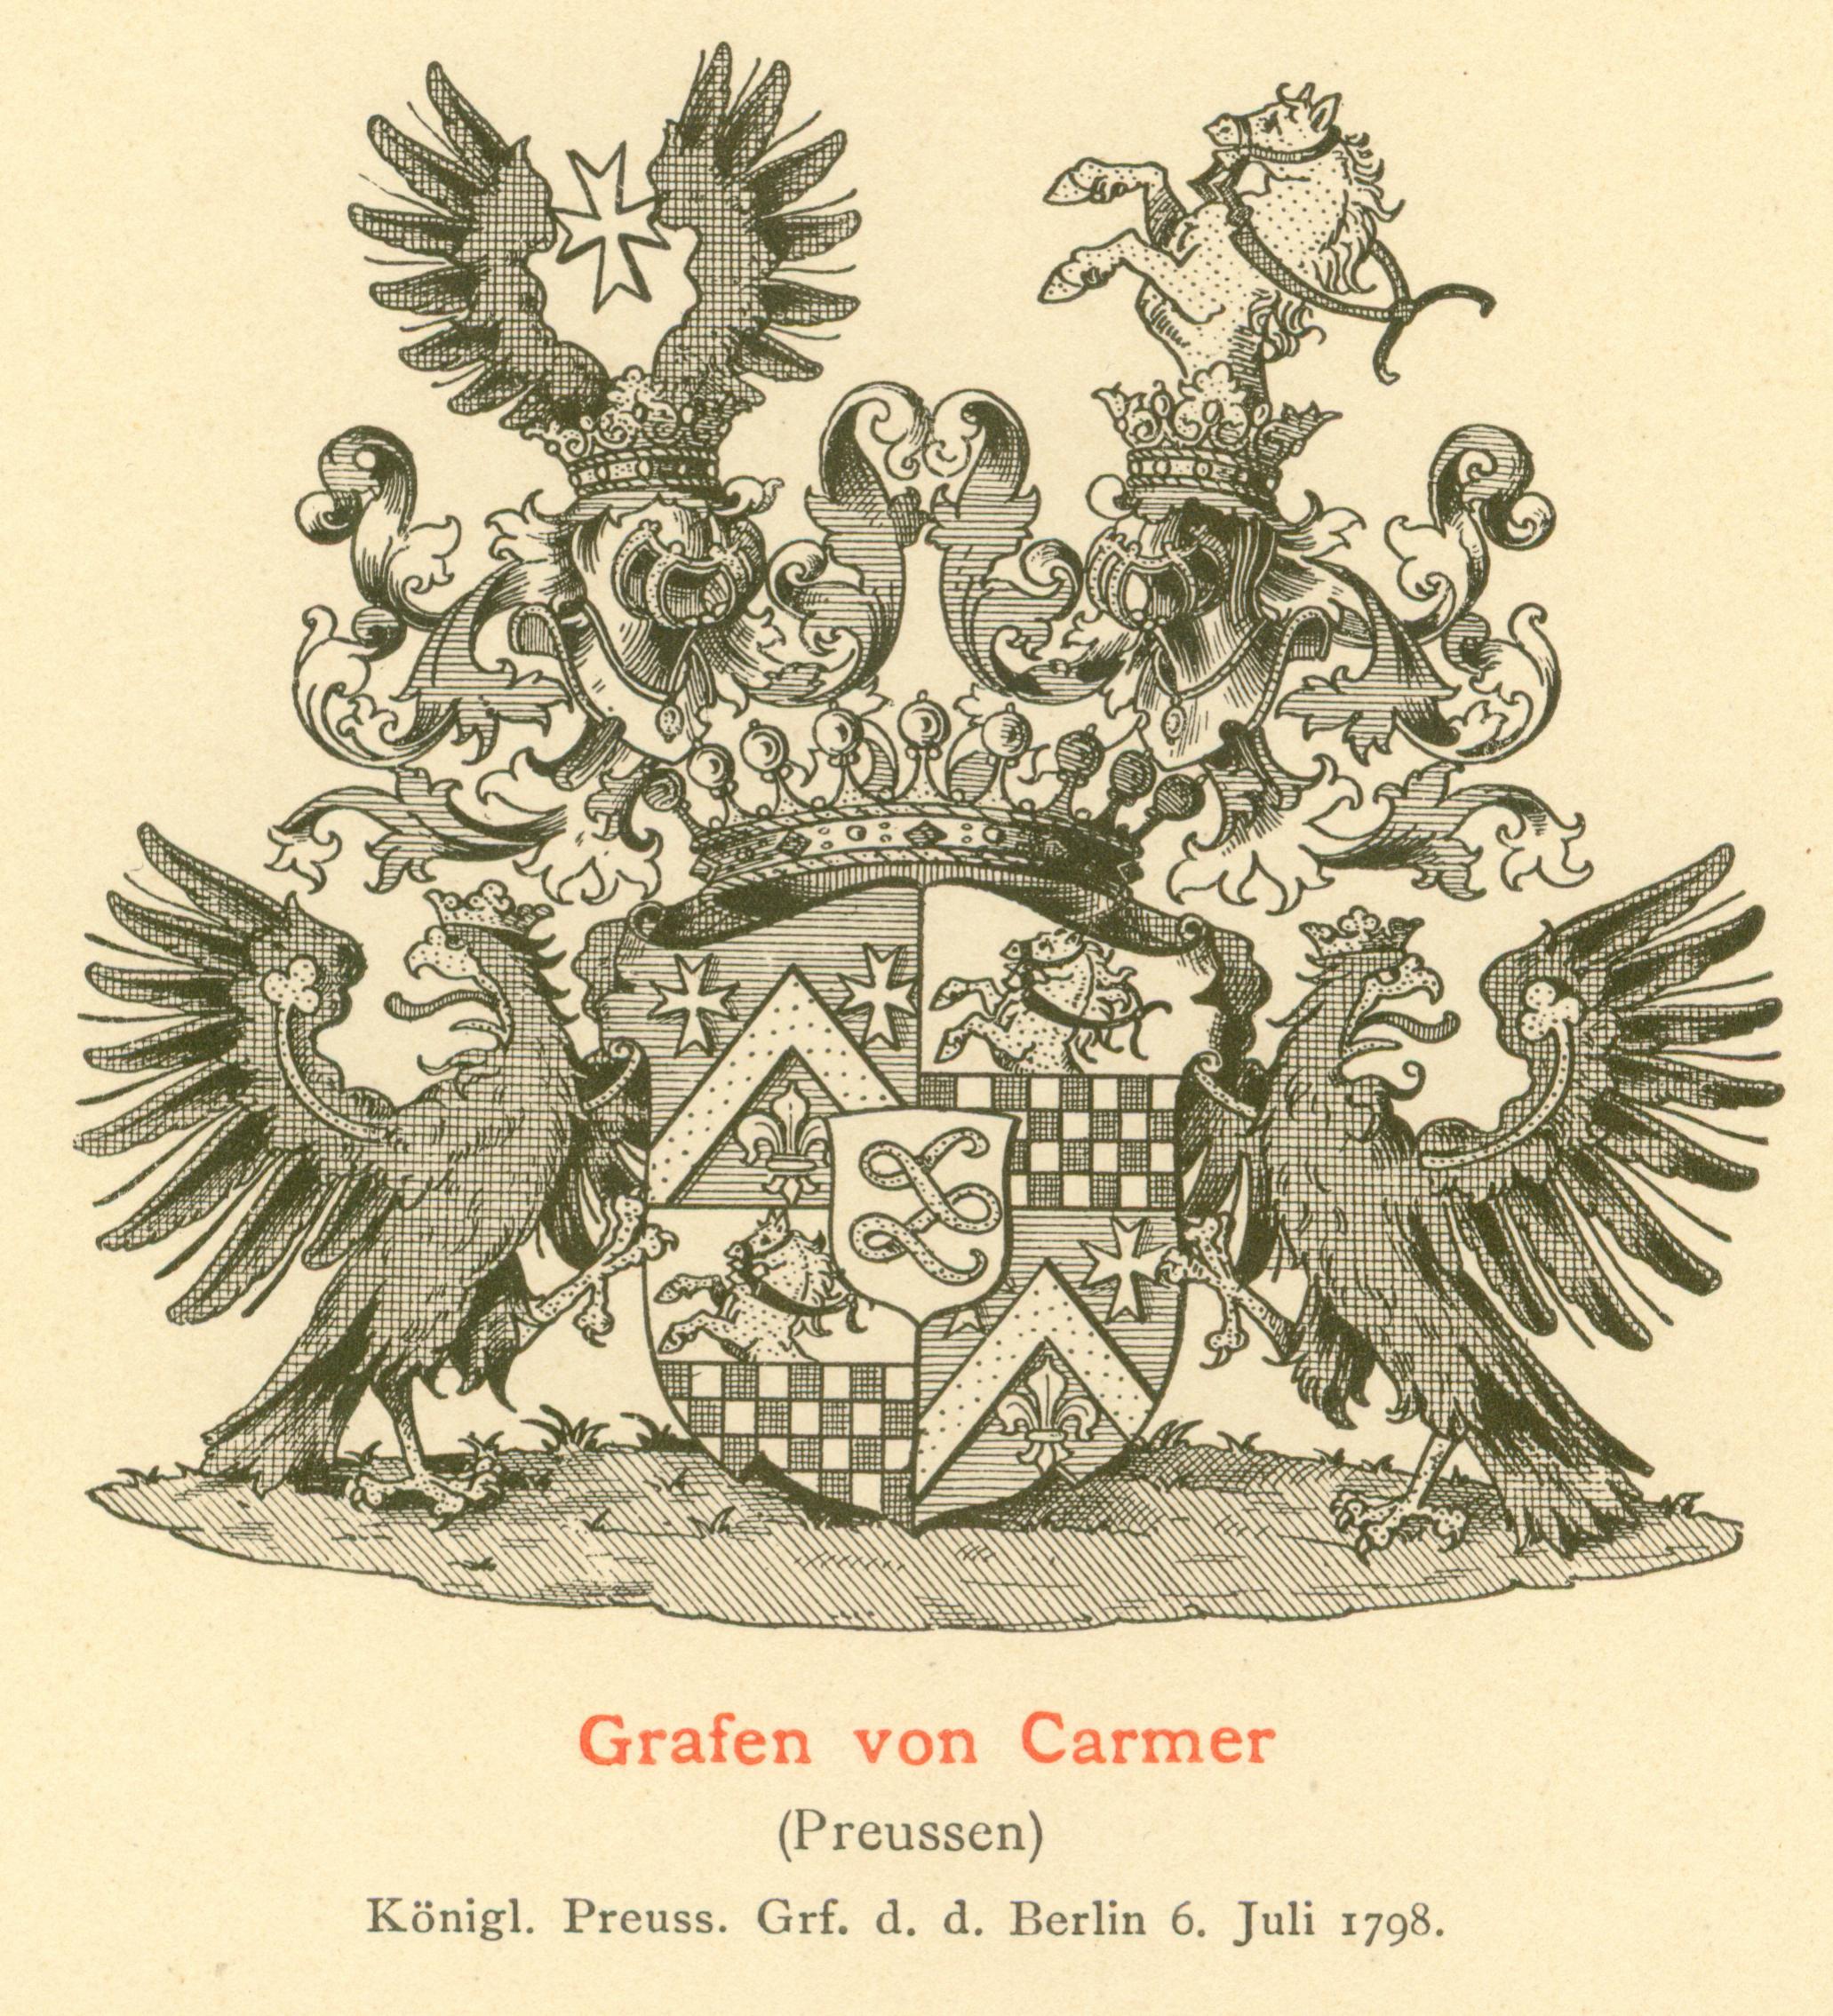 carmer